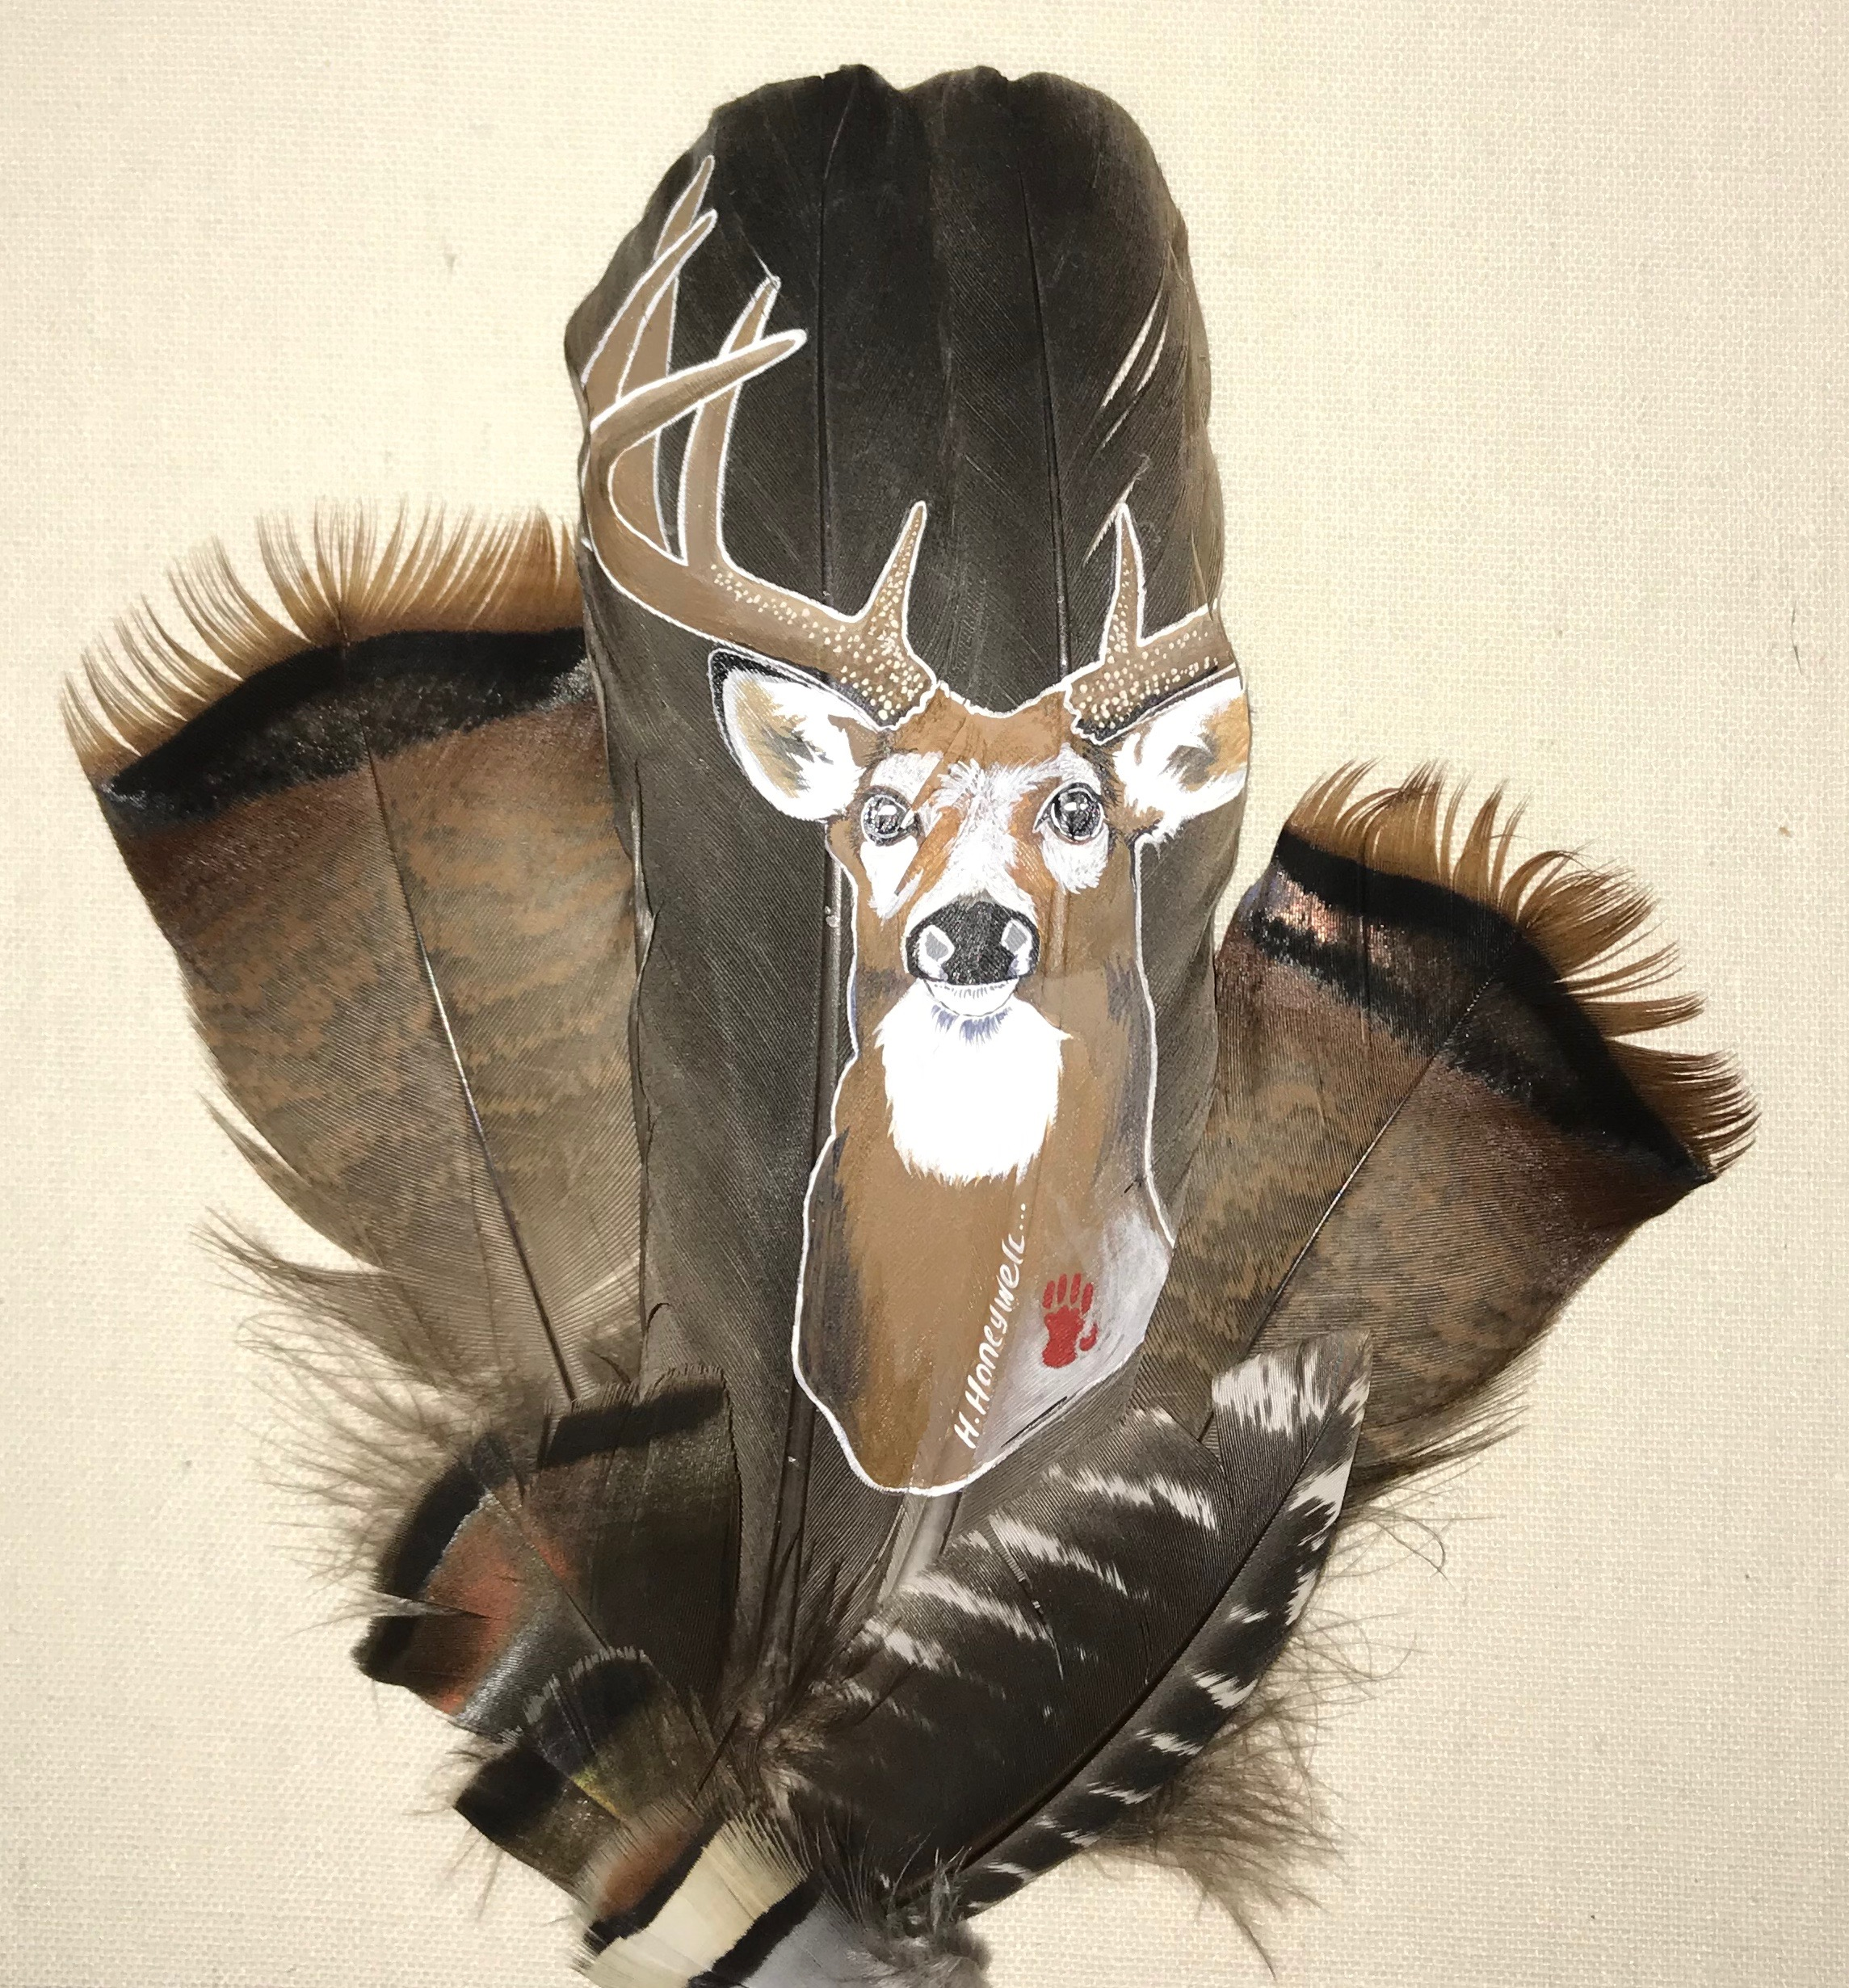 Acrylic on wild turkey feathers - Heather Honeywell